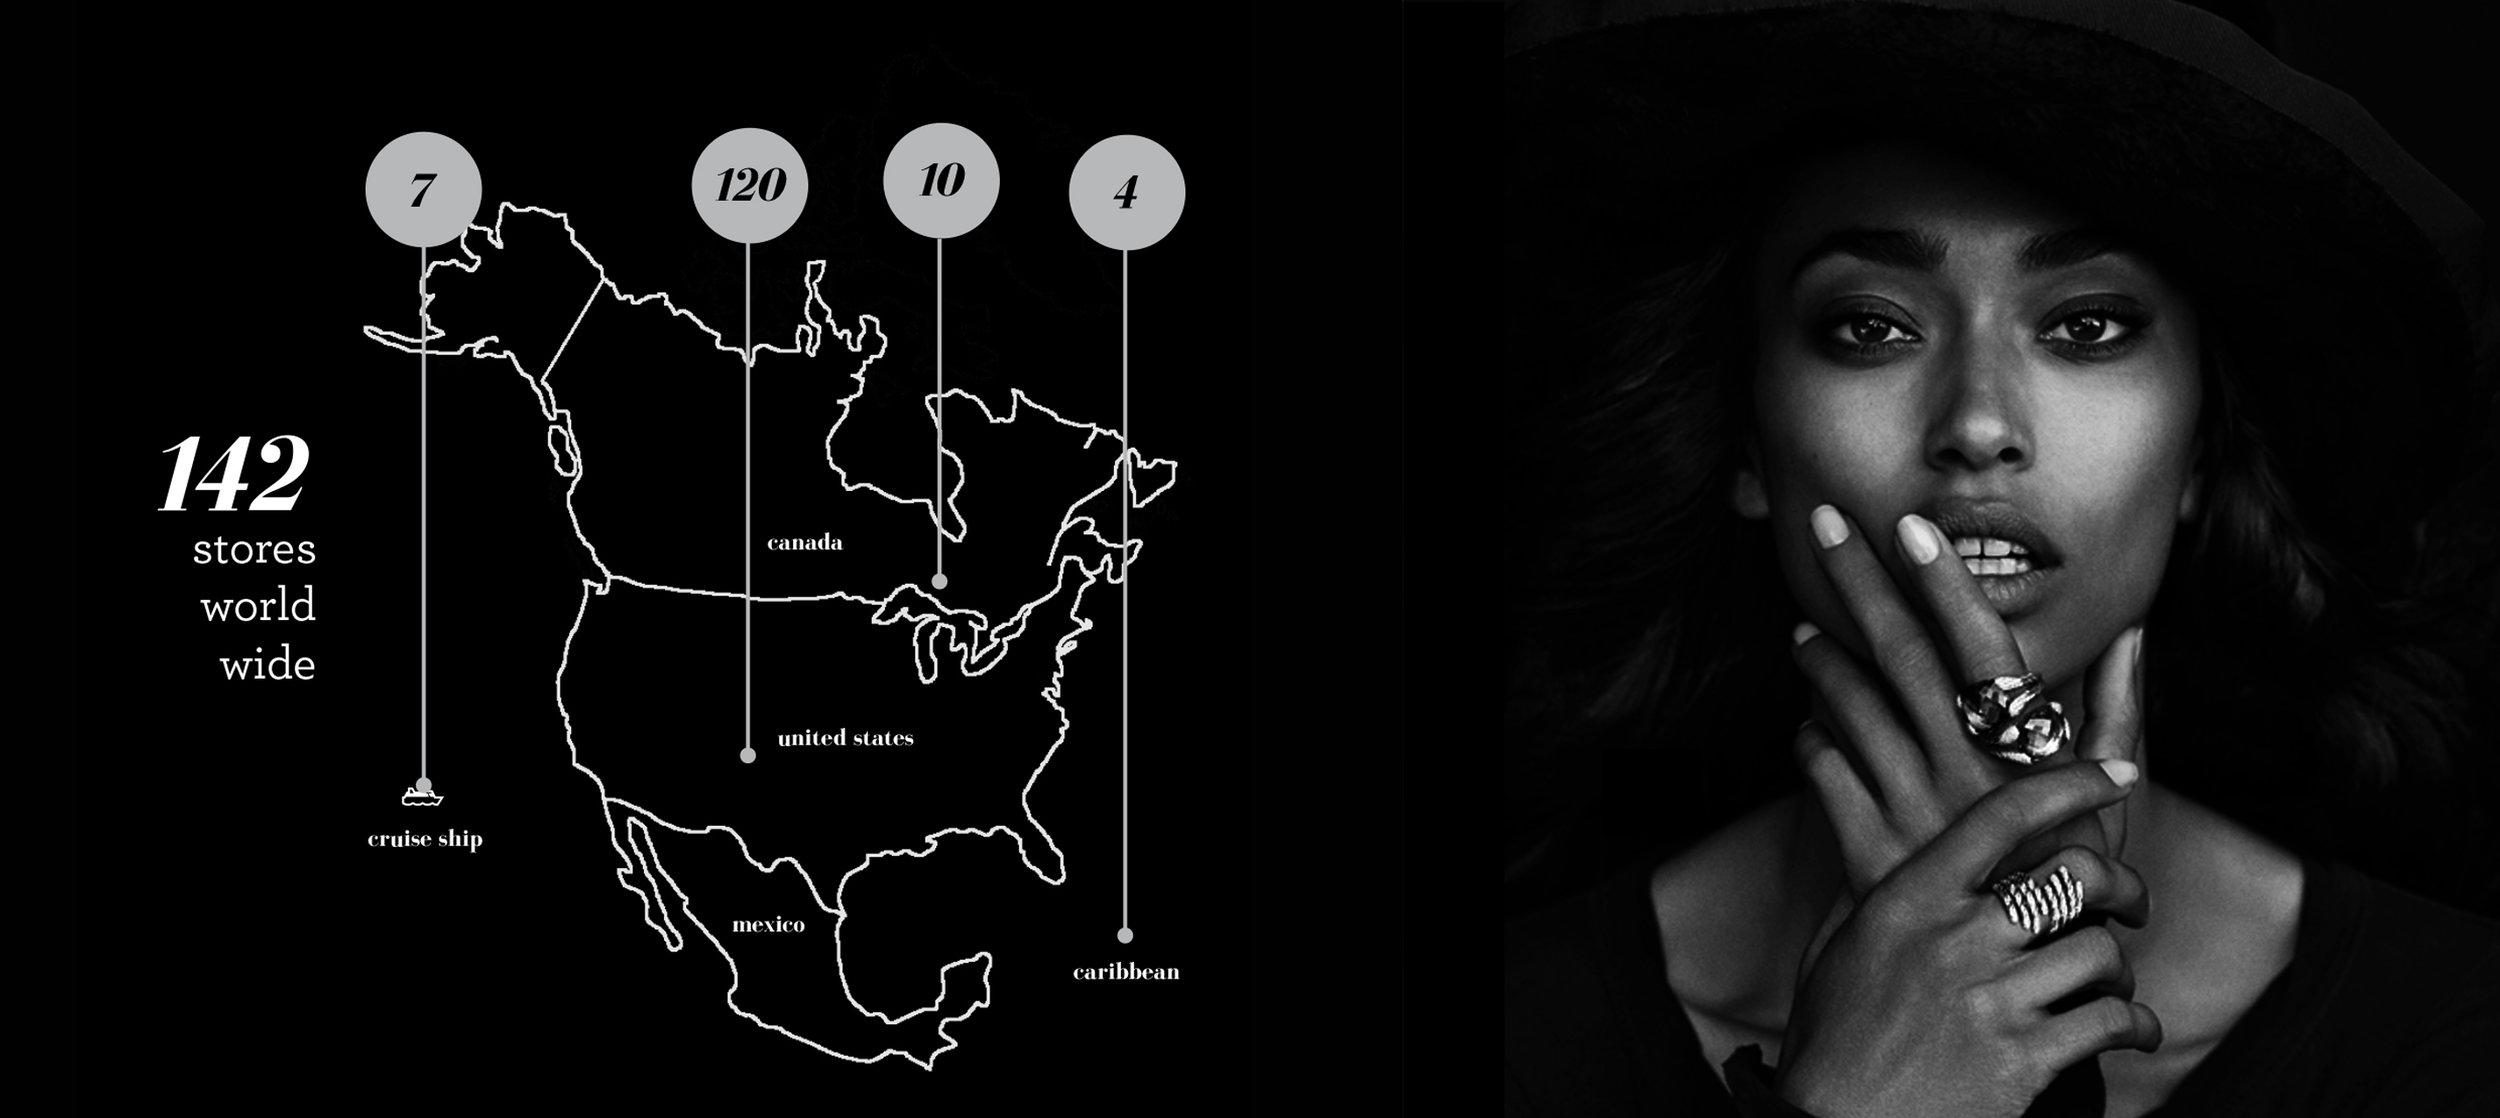 HOF Locations Insert.jpg